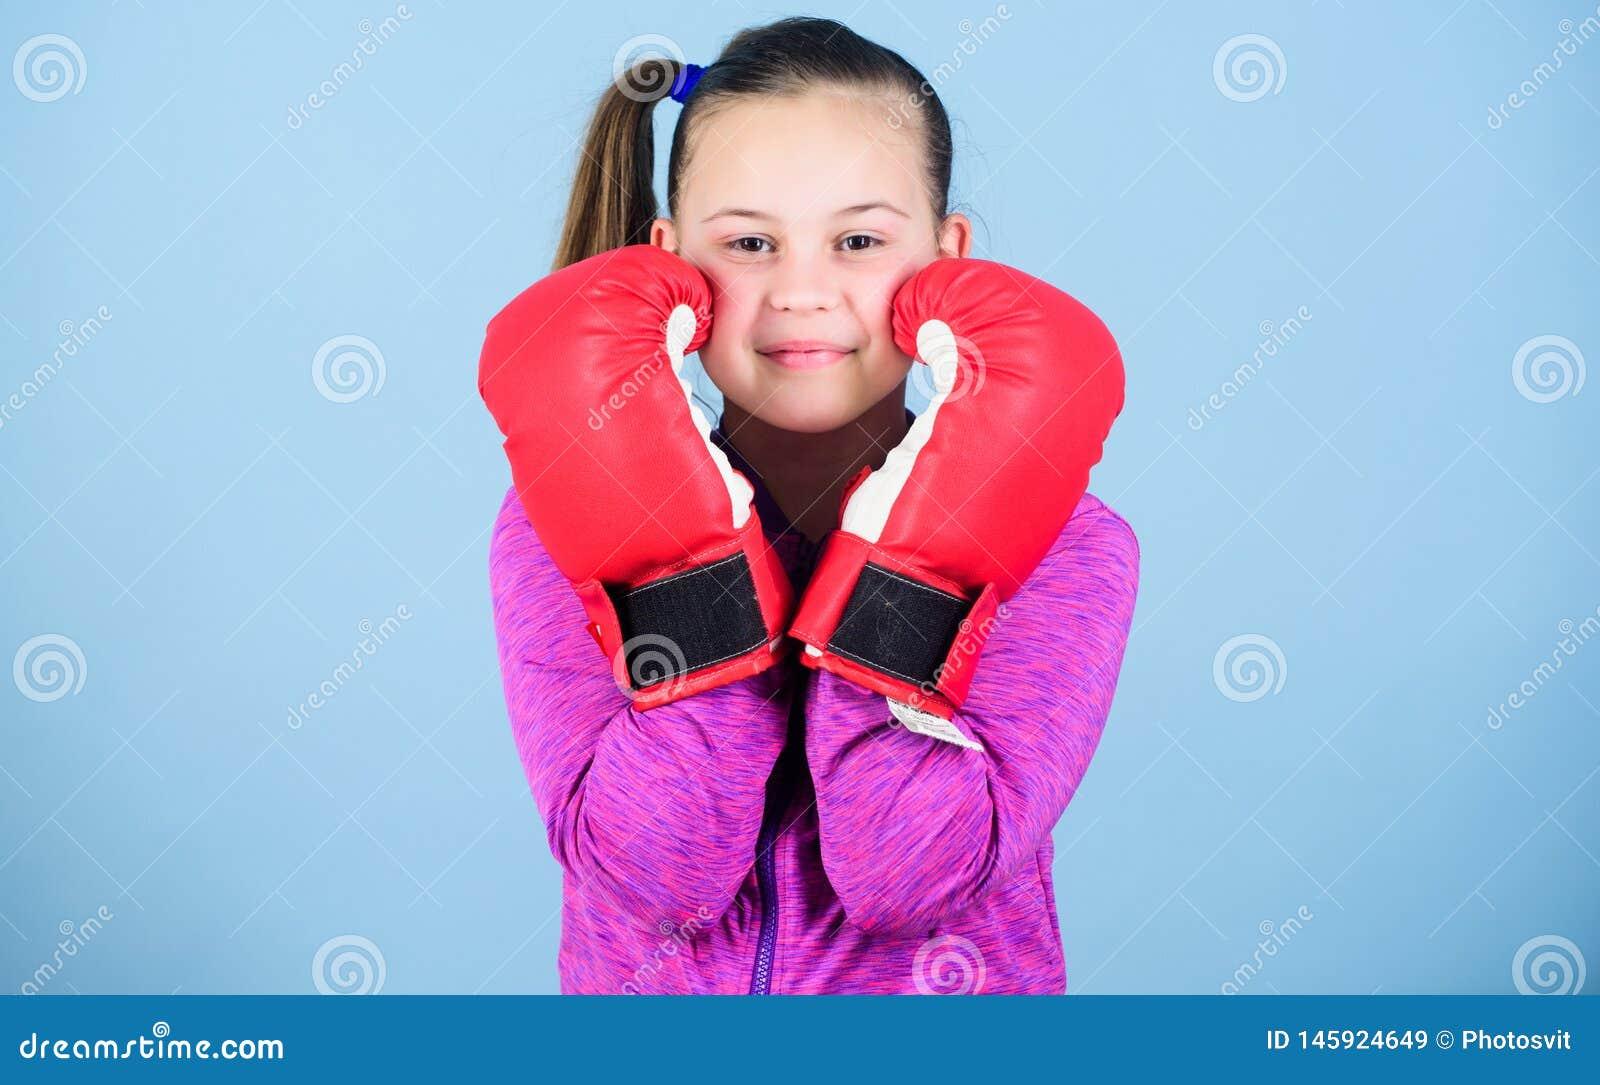 Zu stereotypieren Gegenteil Boxerkind in den Boxhandschuhen Weiblicher Boxer Sport-Erziehung Verpacken liefern strenge Disziplin